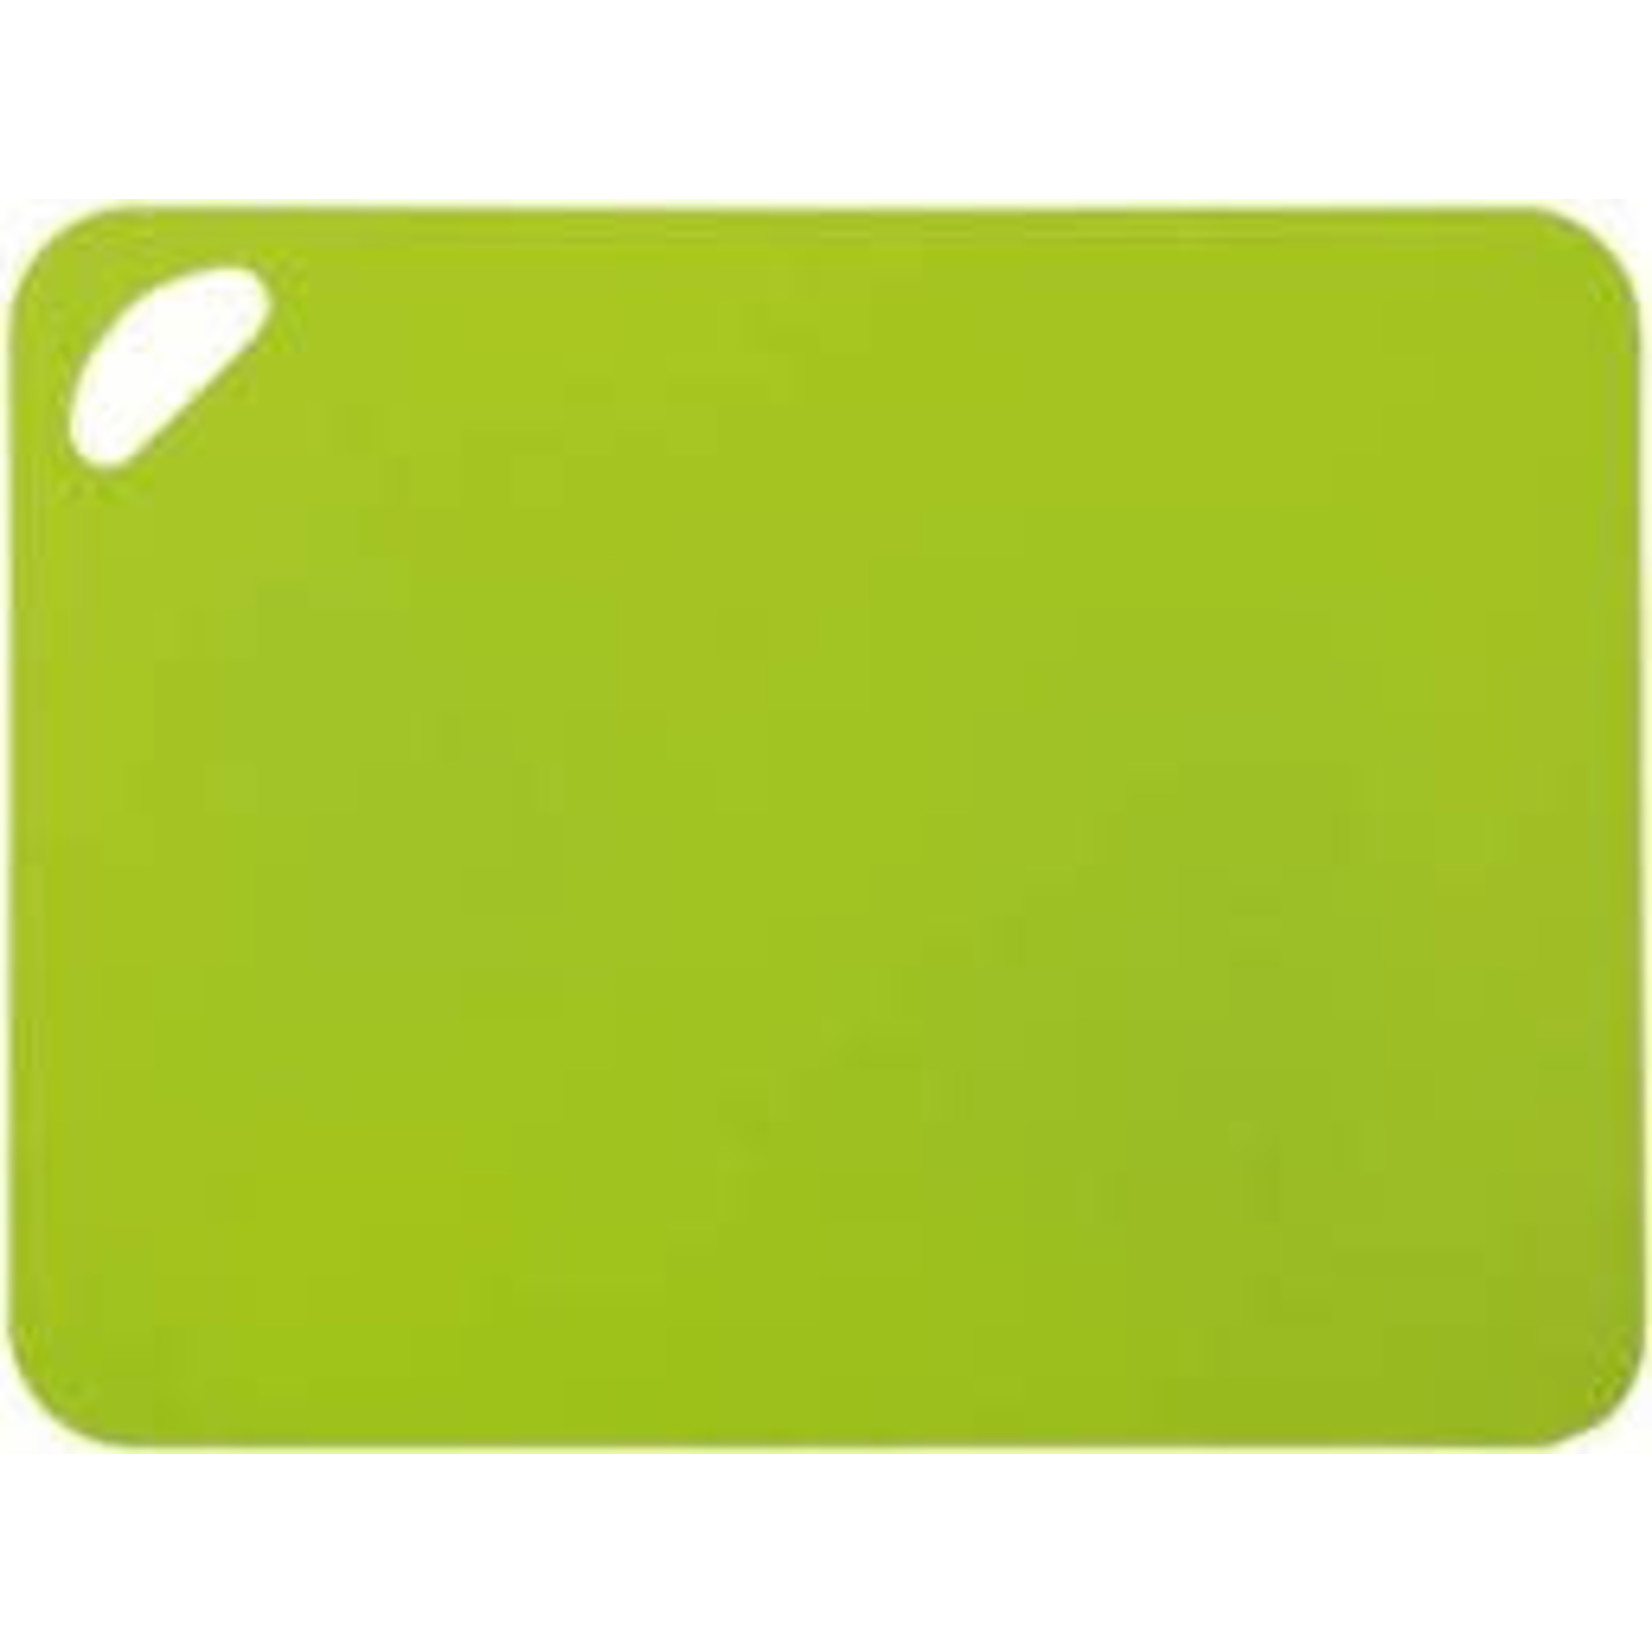 Fleximat groen   5560